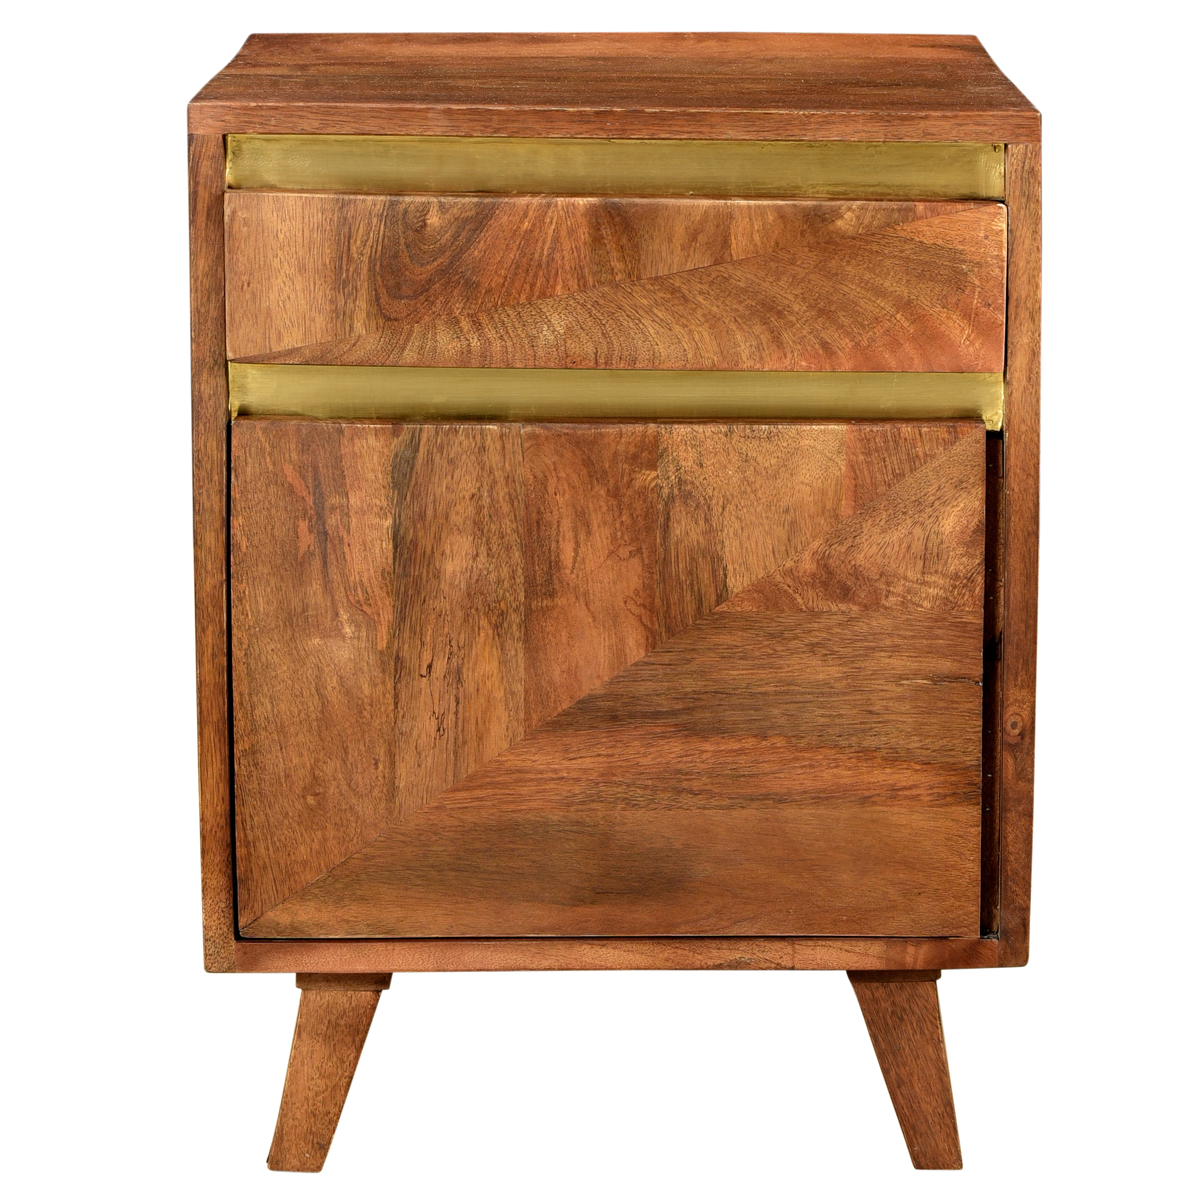 Table de chevet en bois détails dorés, 1 tiroir et 1 porte